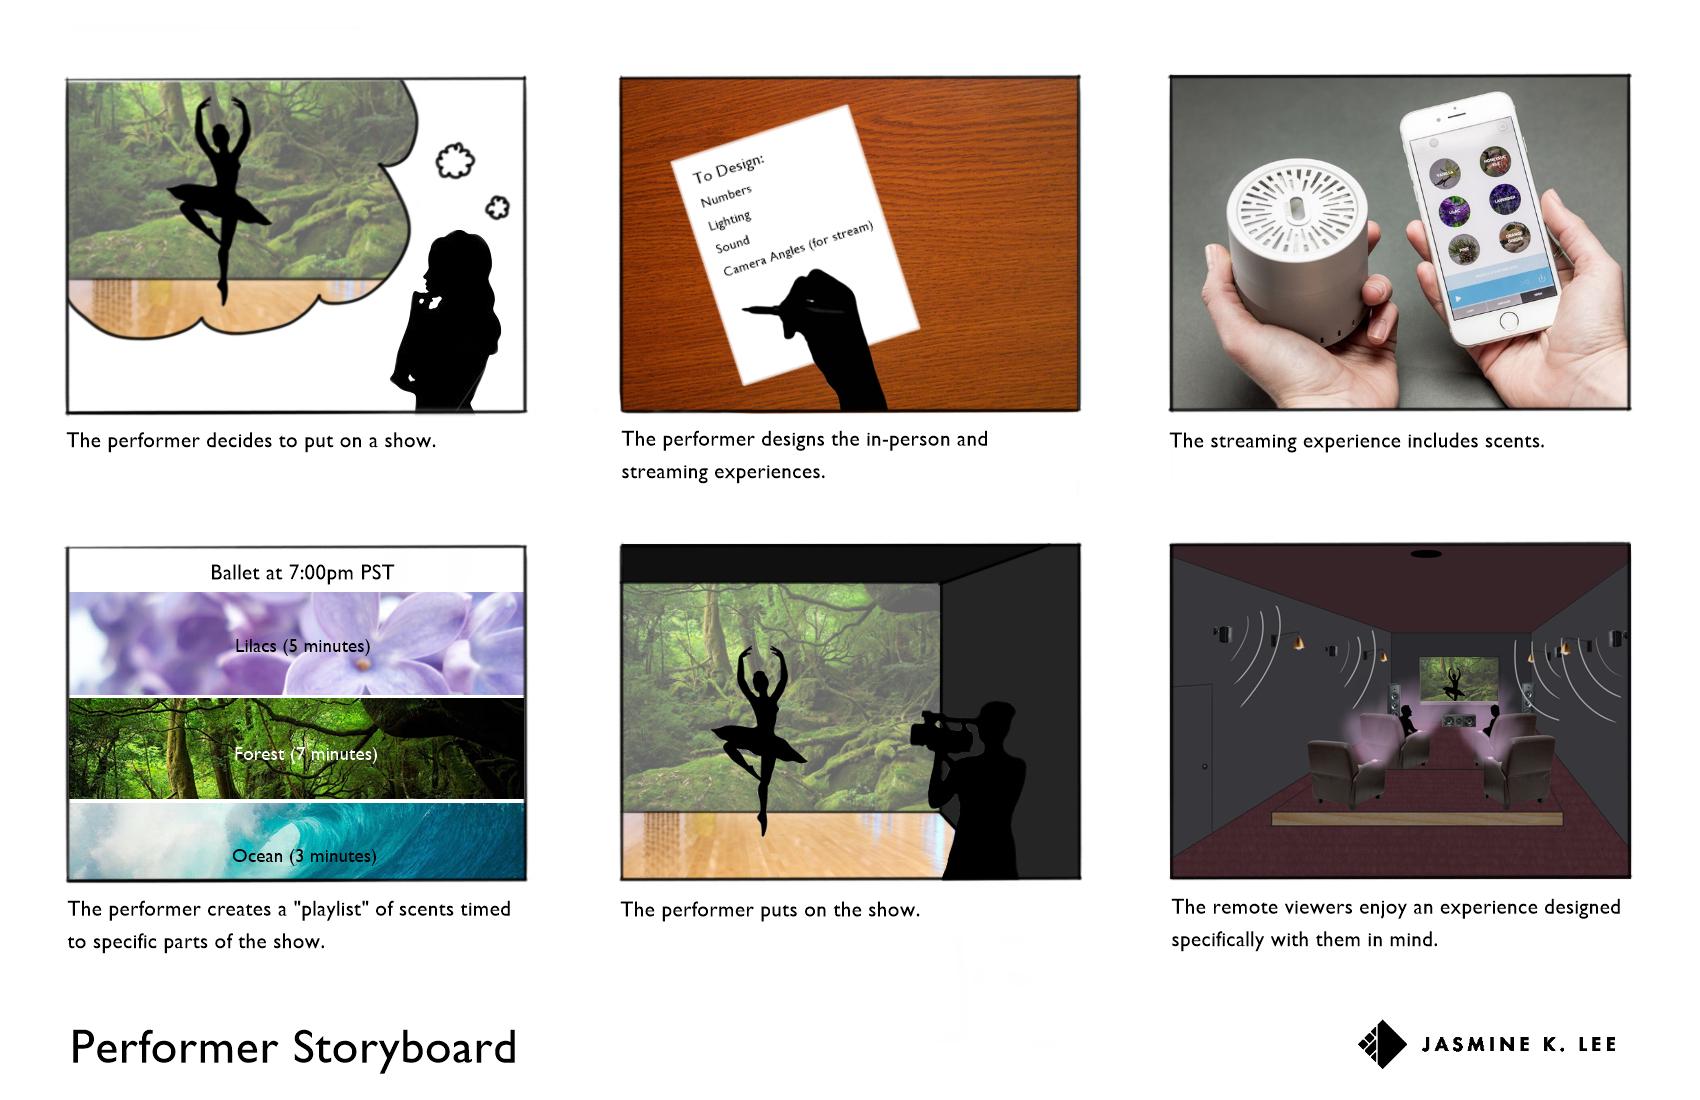 PerformerStoryboard.jpg